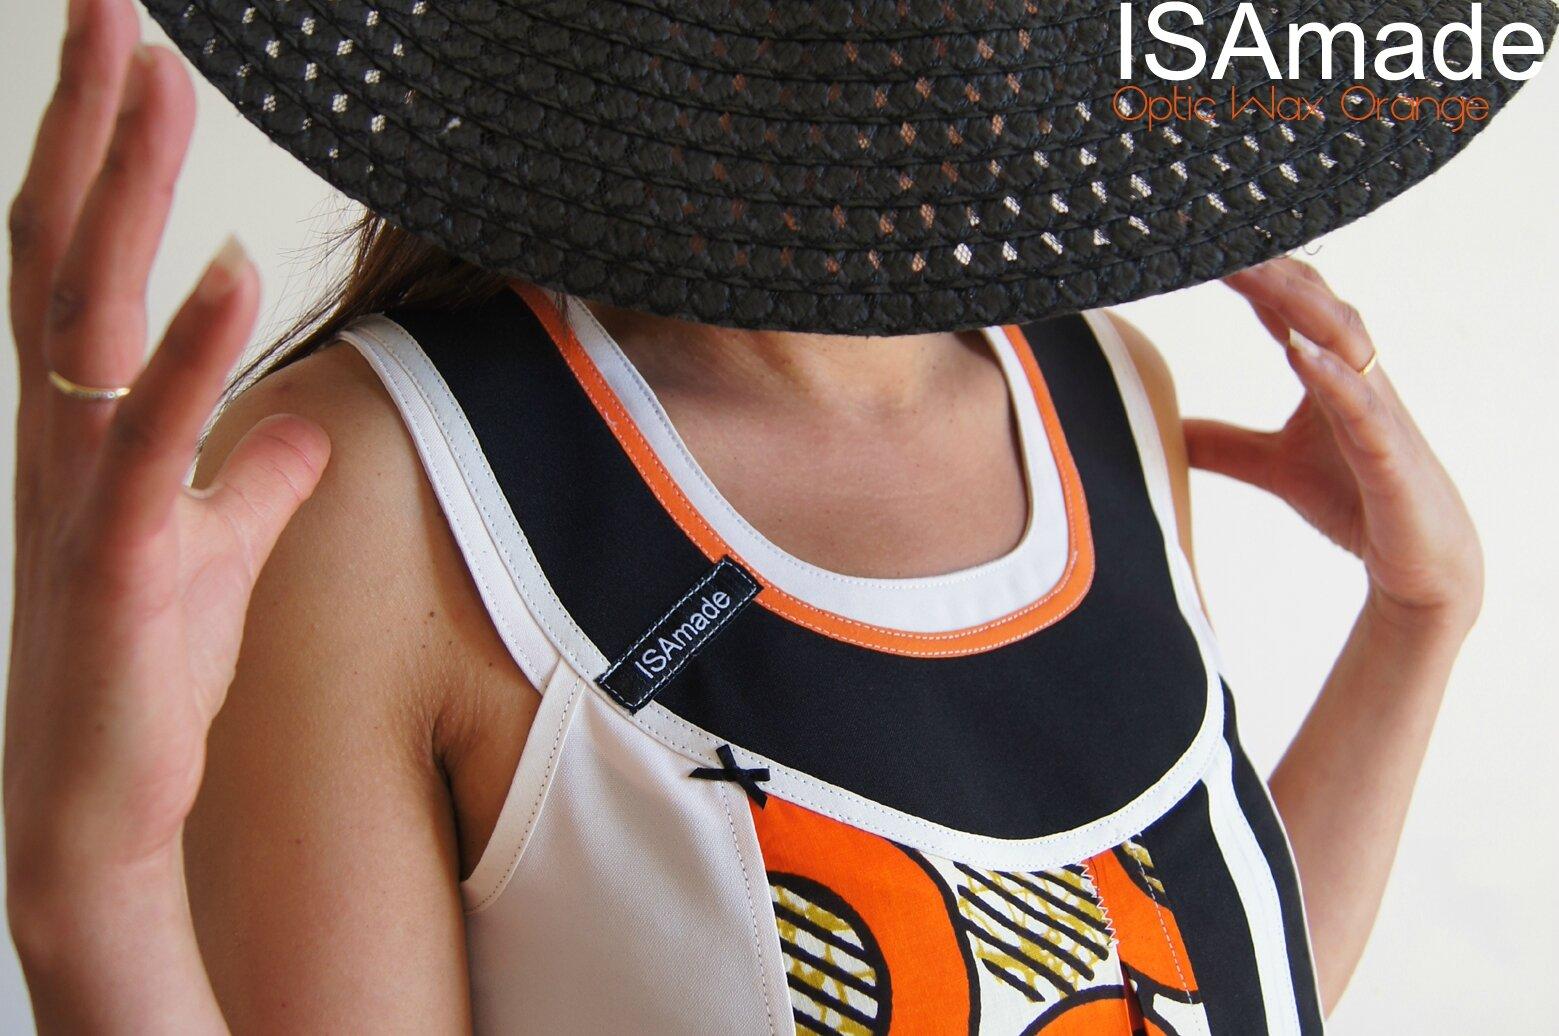 Robe trapèze Graphique ethnique Blanc écru imprimé wax africain avant gardiste design optique orange/ noir